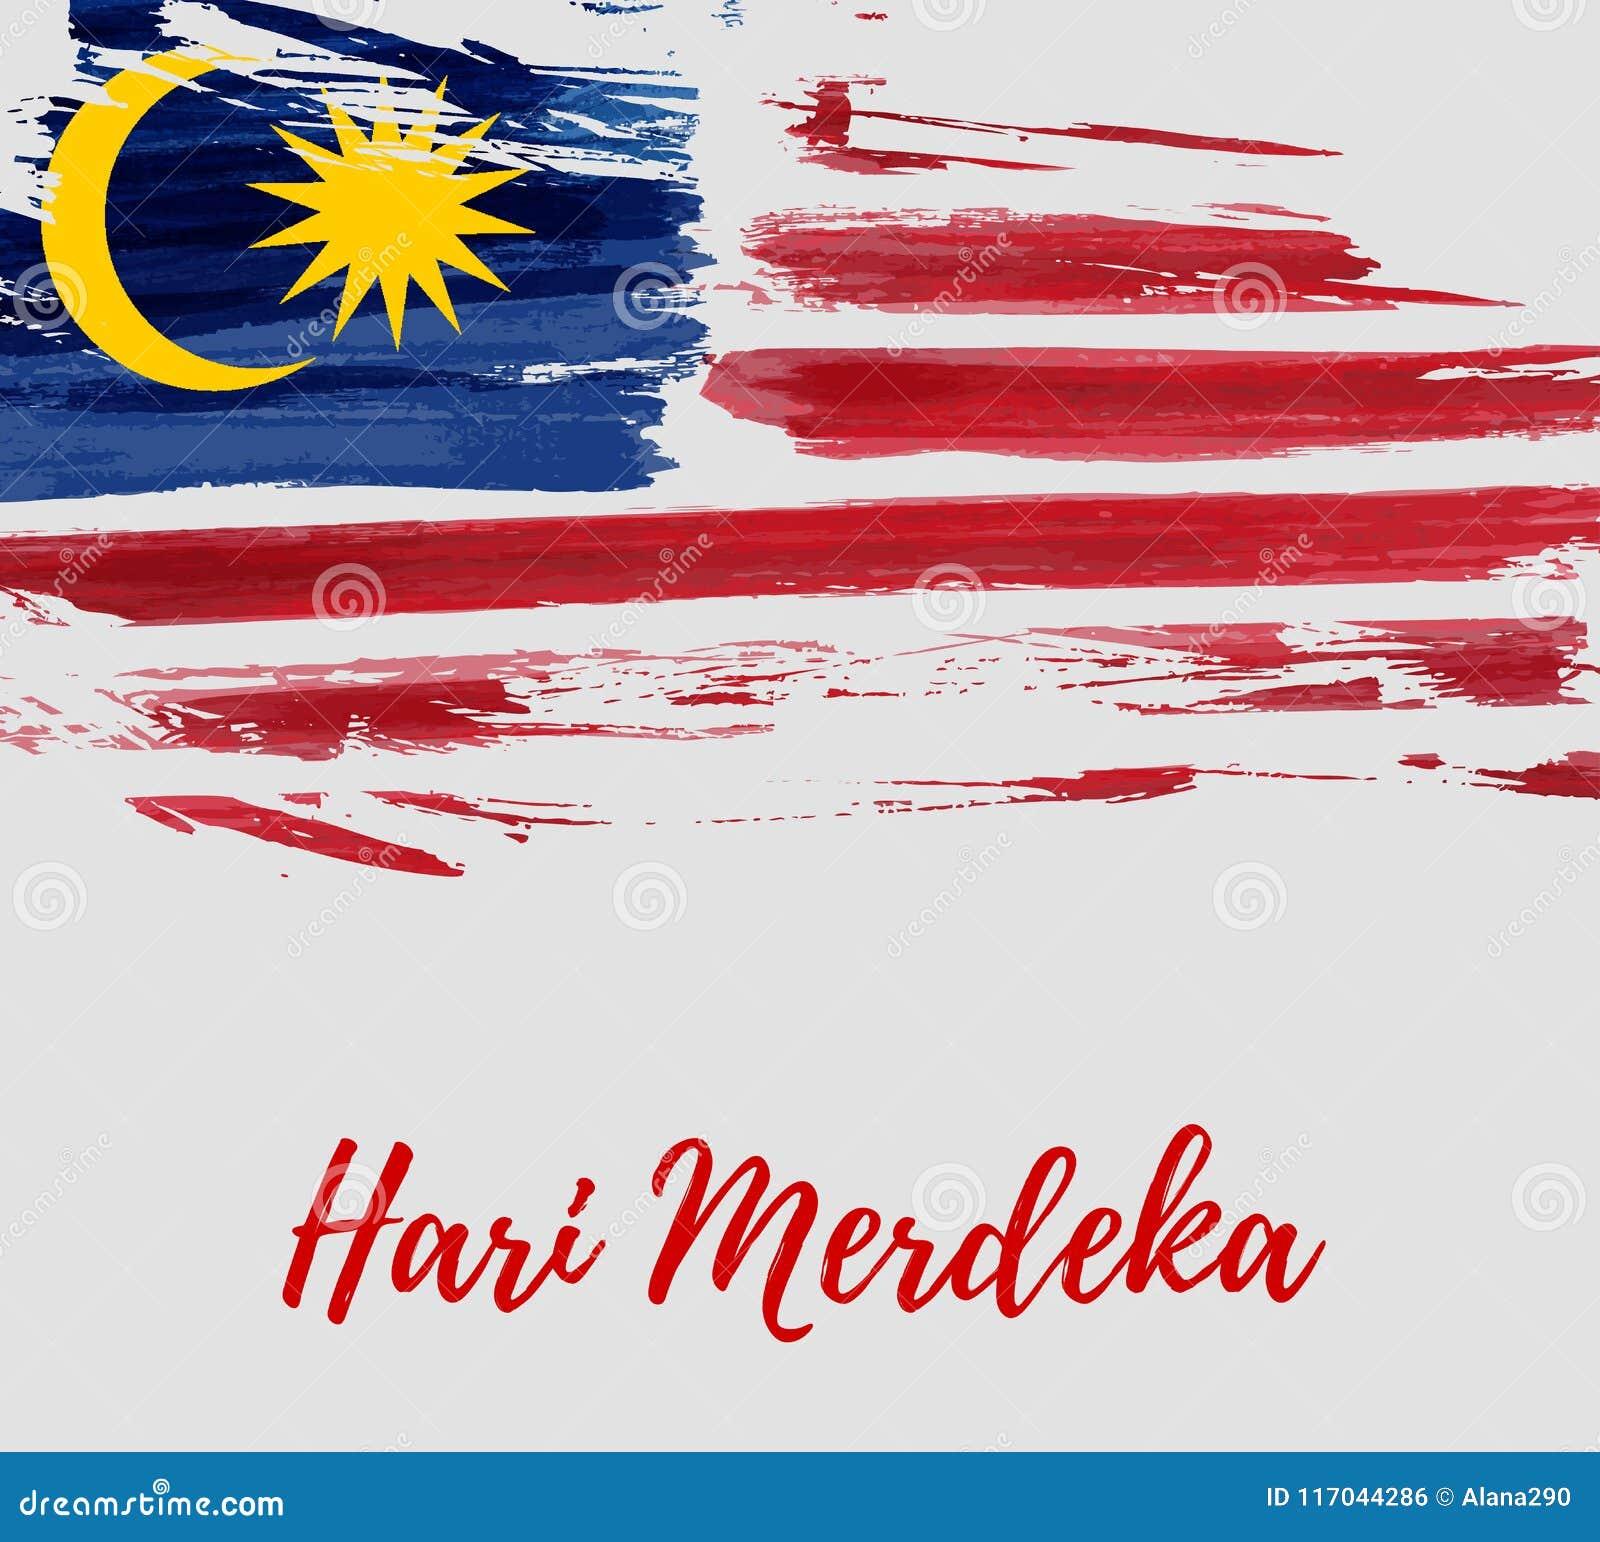 Malezja dzień niepodległości - Hari Merdeka wakacje